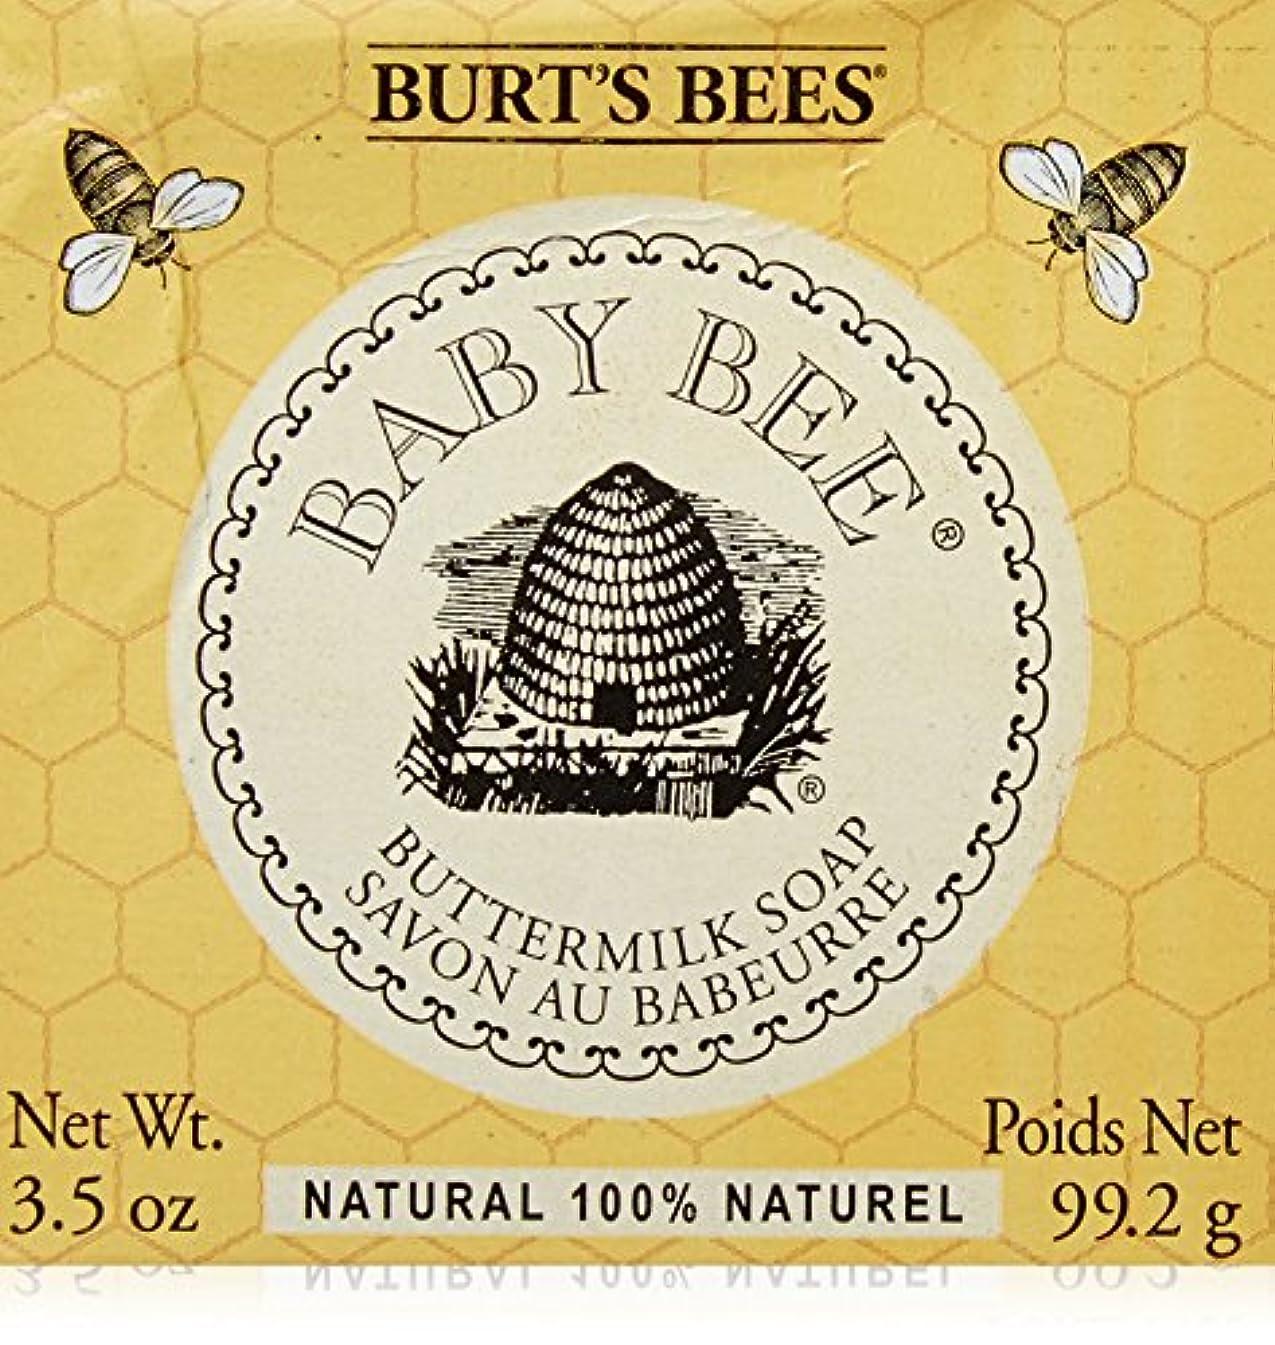 学習者押し下げるアトムバーツビーズ BURT'S BEES Babybee バターミルクソープ 99g